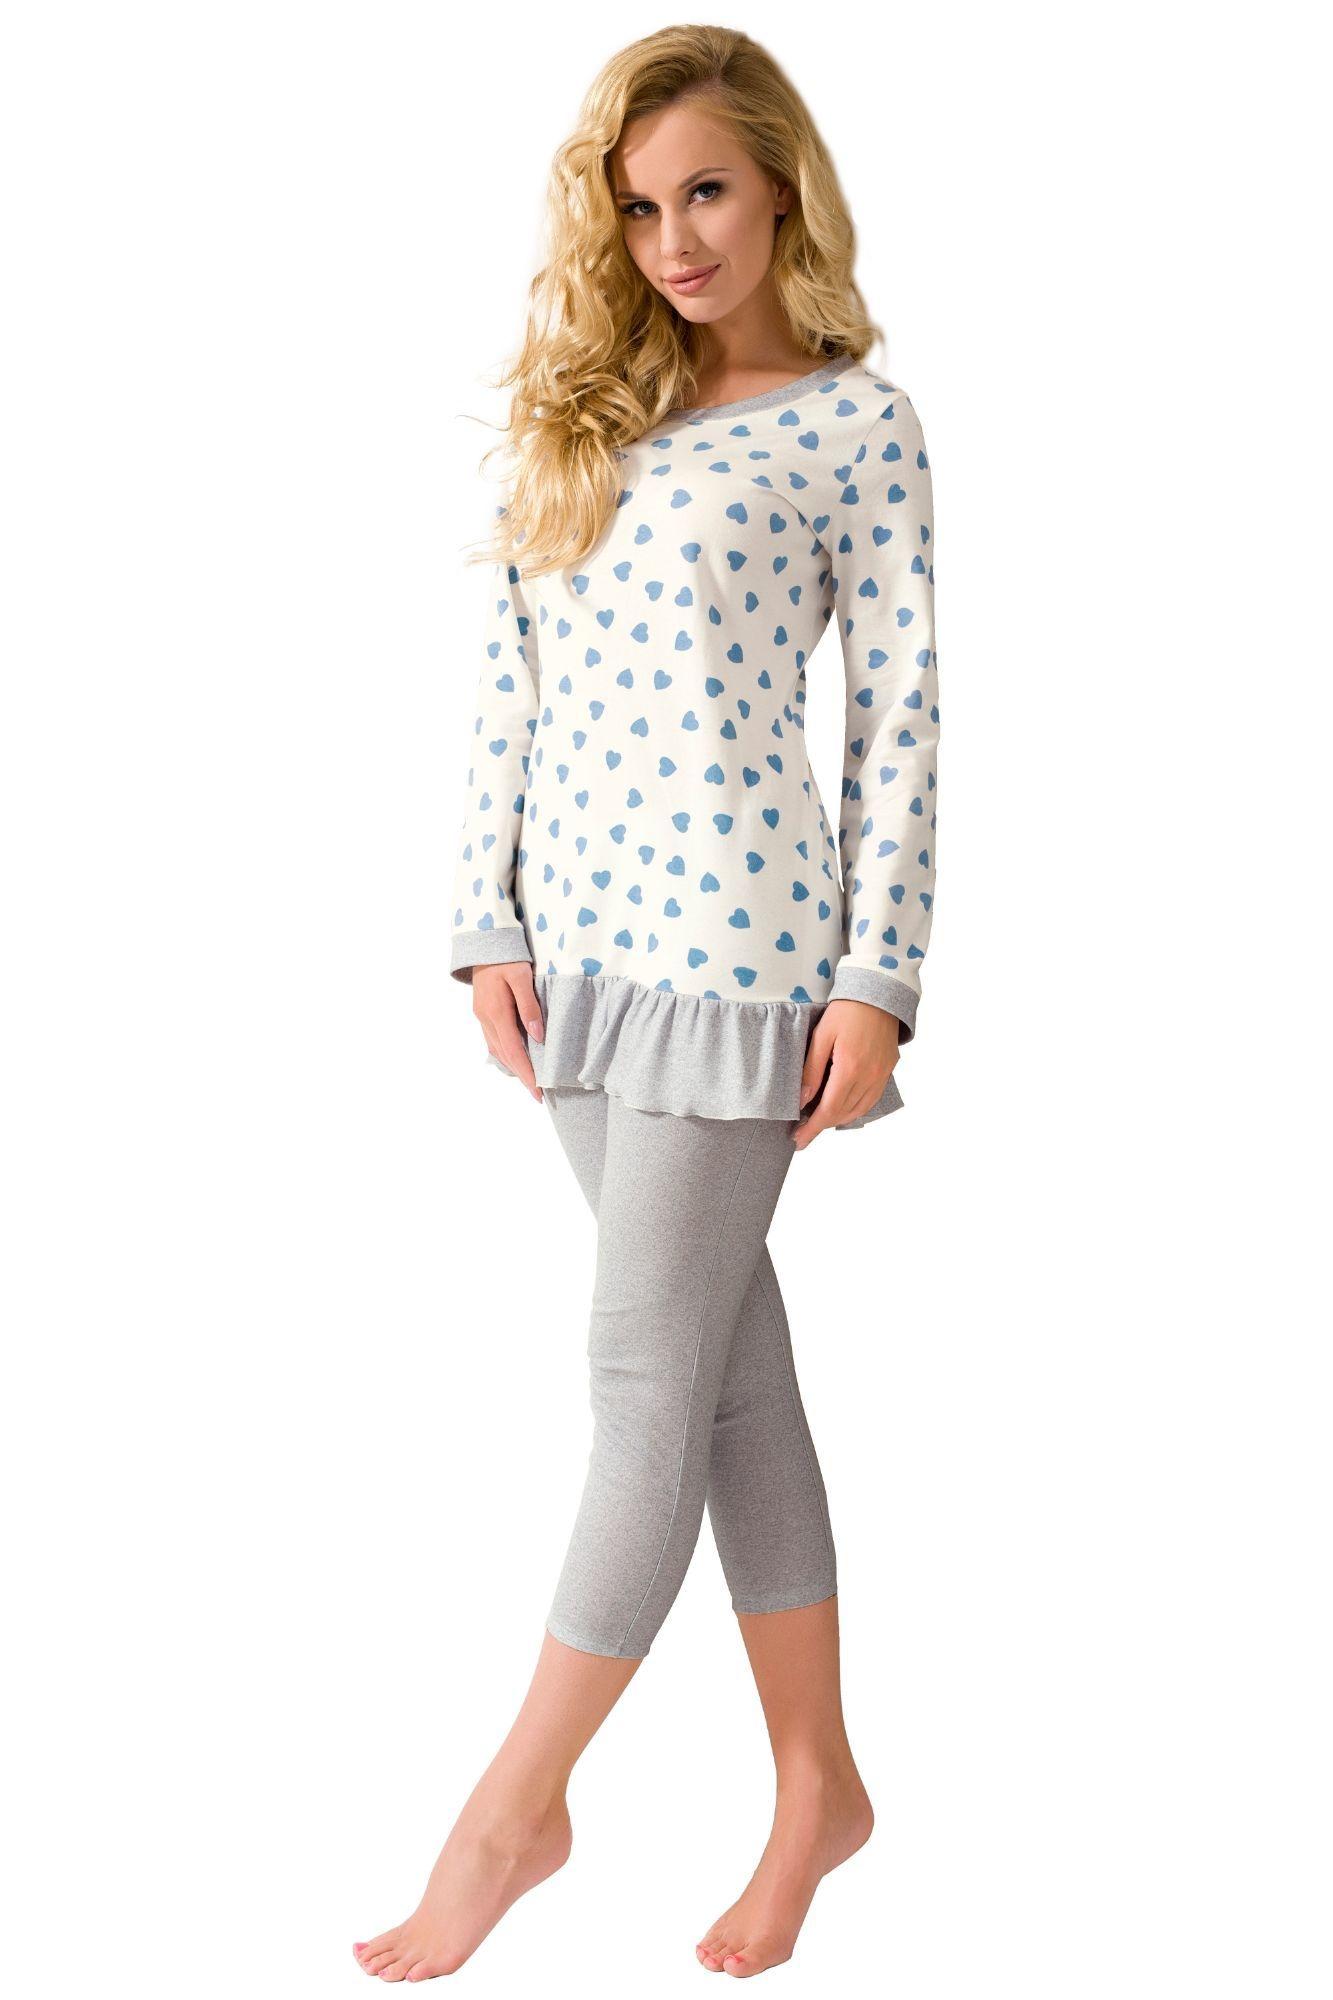 1bb9c1f328d2 Luxusní bavlněné pyžamo srdíčka Jasmine antibakteriální s dlouhými rukávy